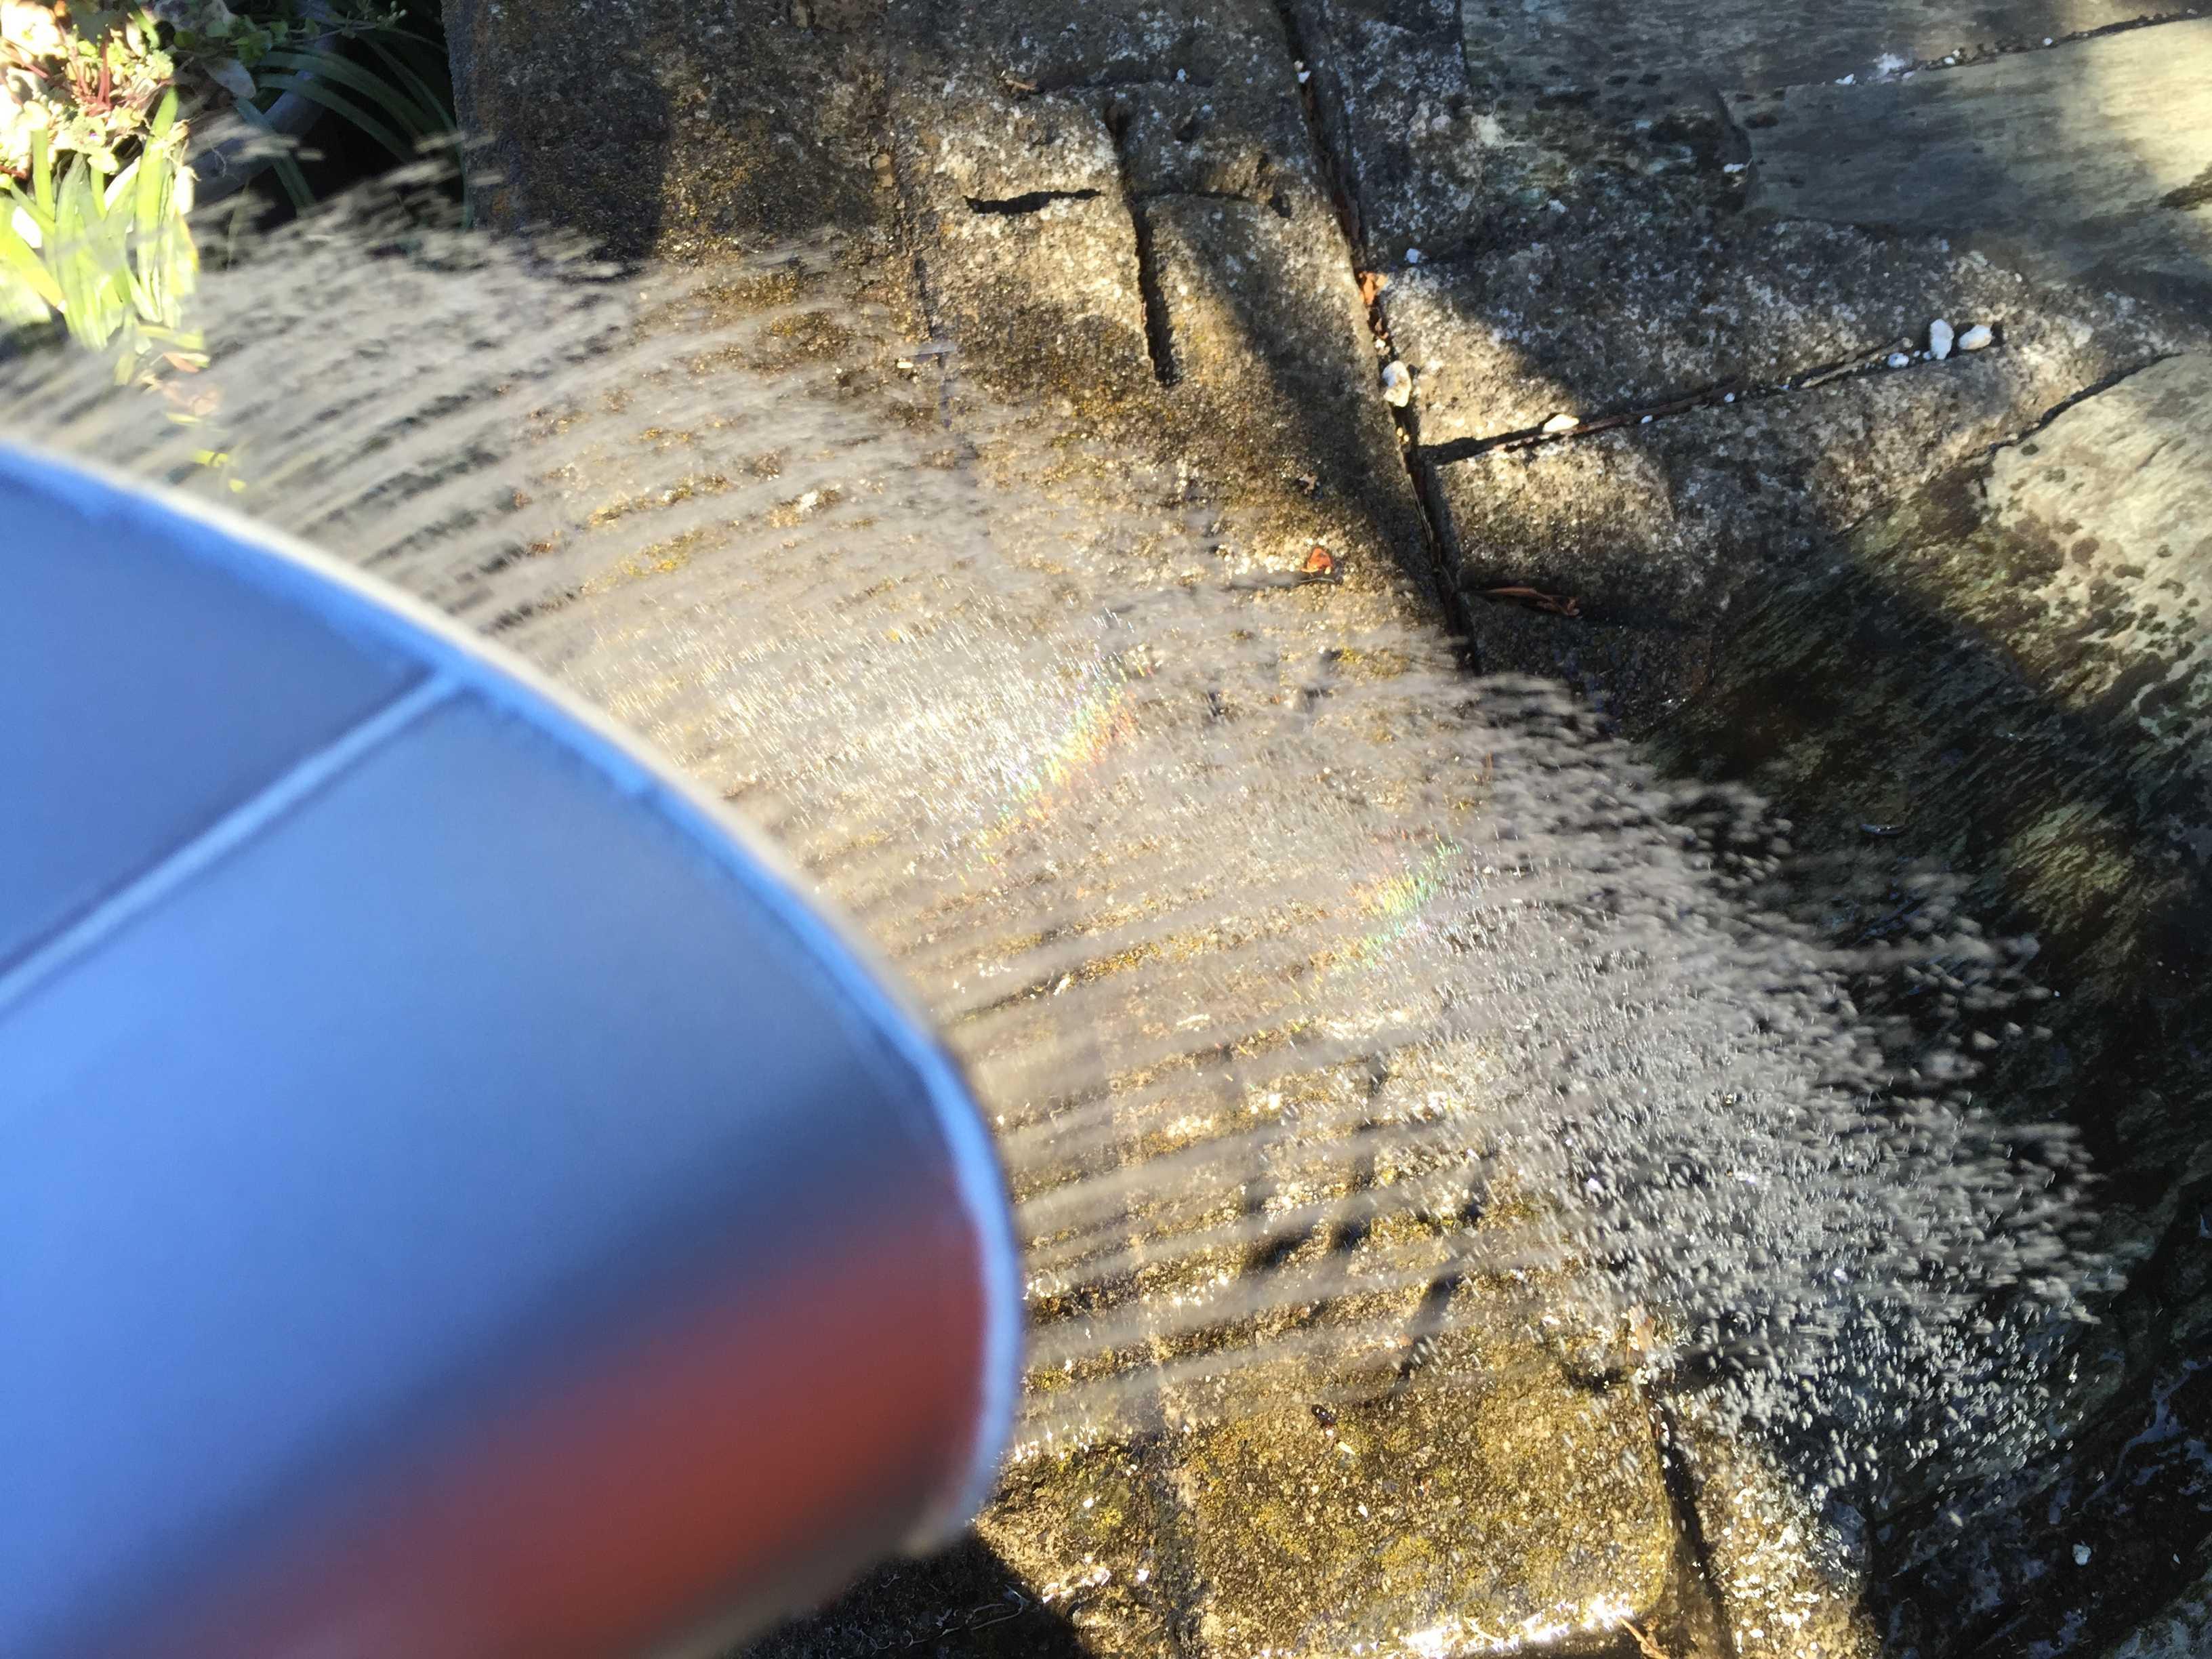 萬年 高級園芸ジョーロ 10L(尾上製作所)の小判形のハス口から出る細い水